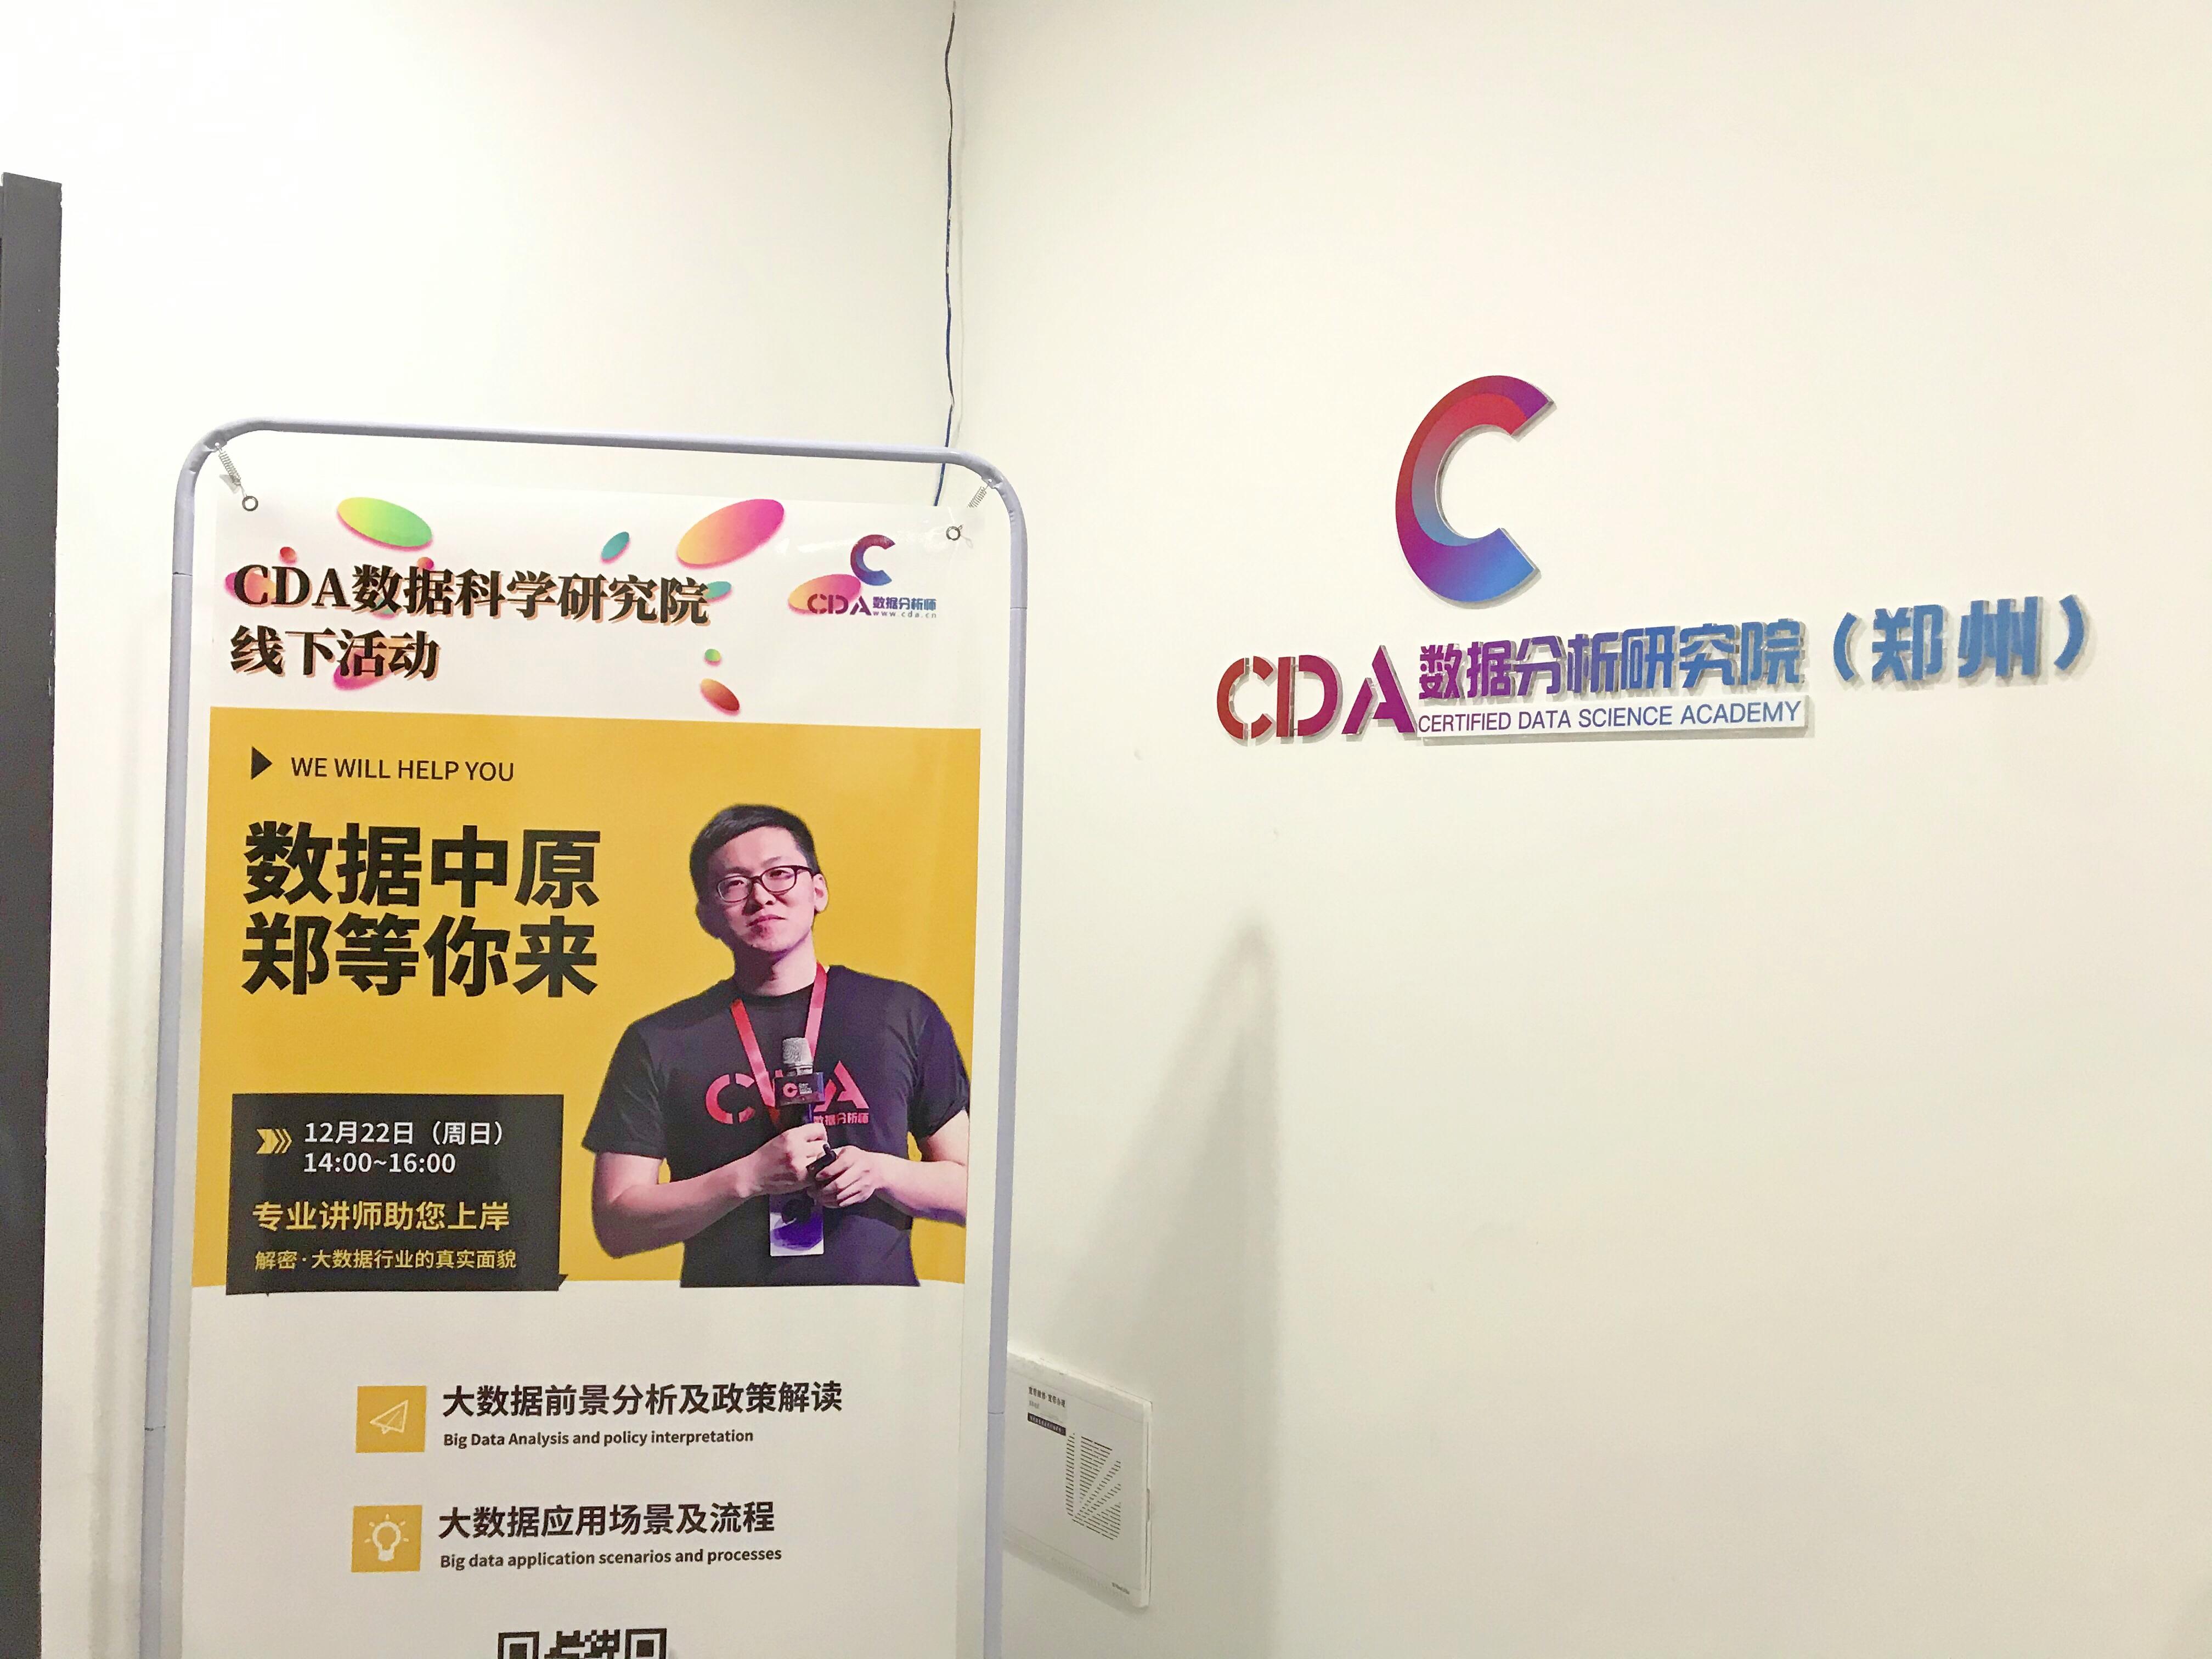 CDA郑州分享会 | 数据中原,郑等你来